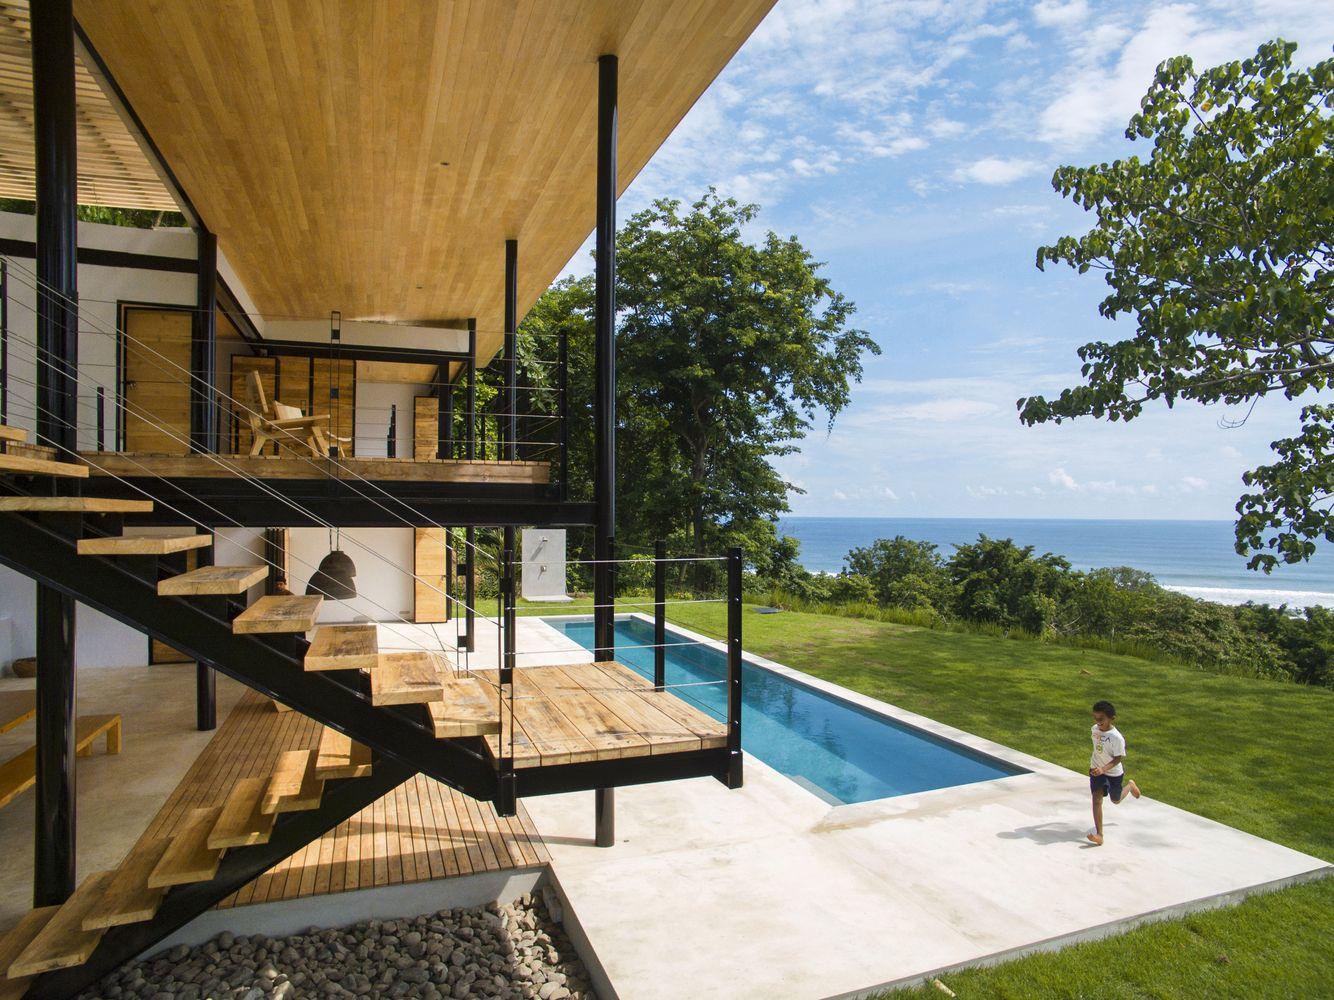 Amerikanische moderne moderne häuser kleine häuser moderne architektur costa rica strandhäuser terrasse holztüren holz